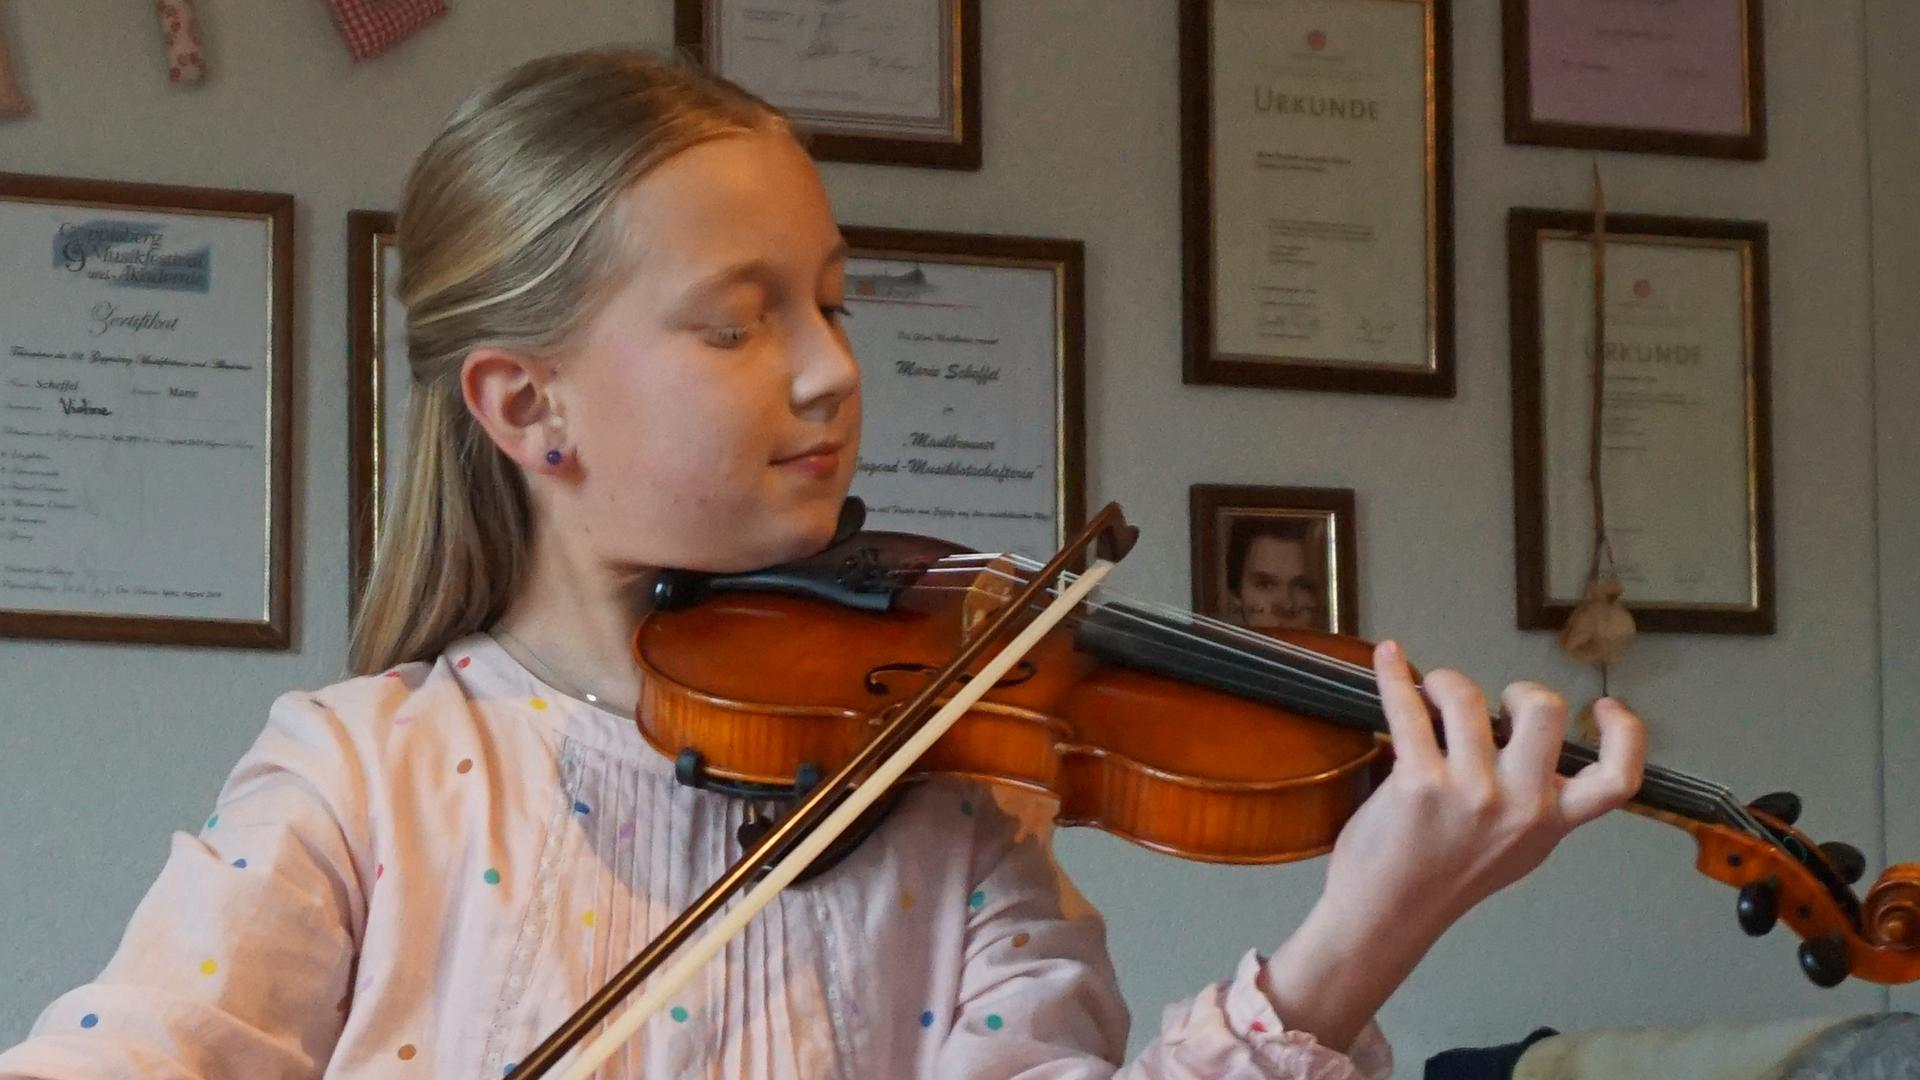 Marie Scheffel bei ihrem virtuosen Violinspiel.